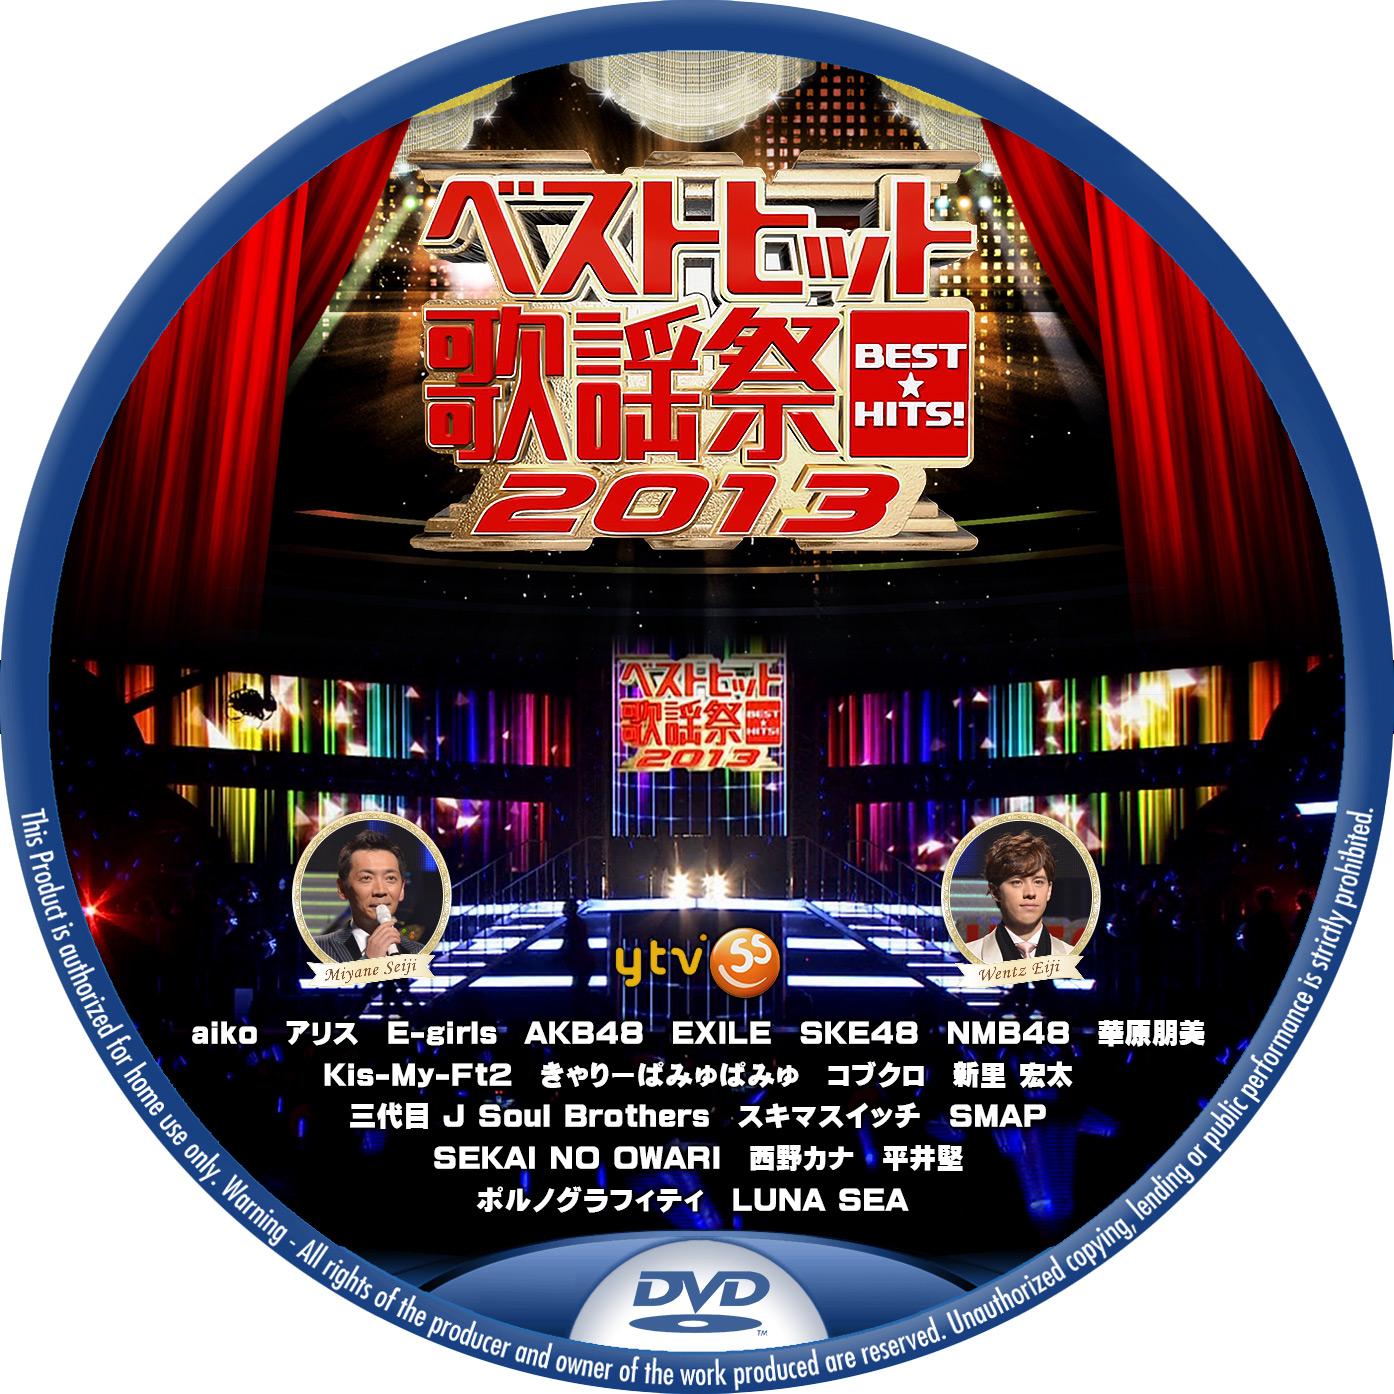 ベストヒット歌謡祭 2013 DVDラベル